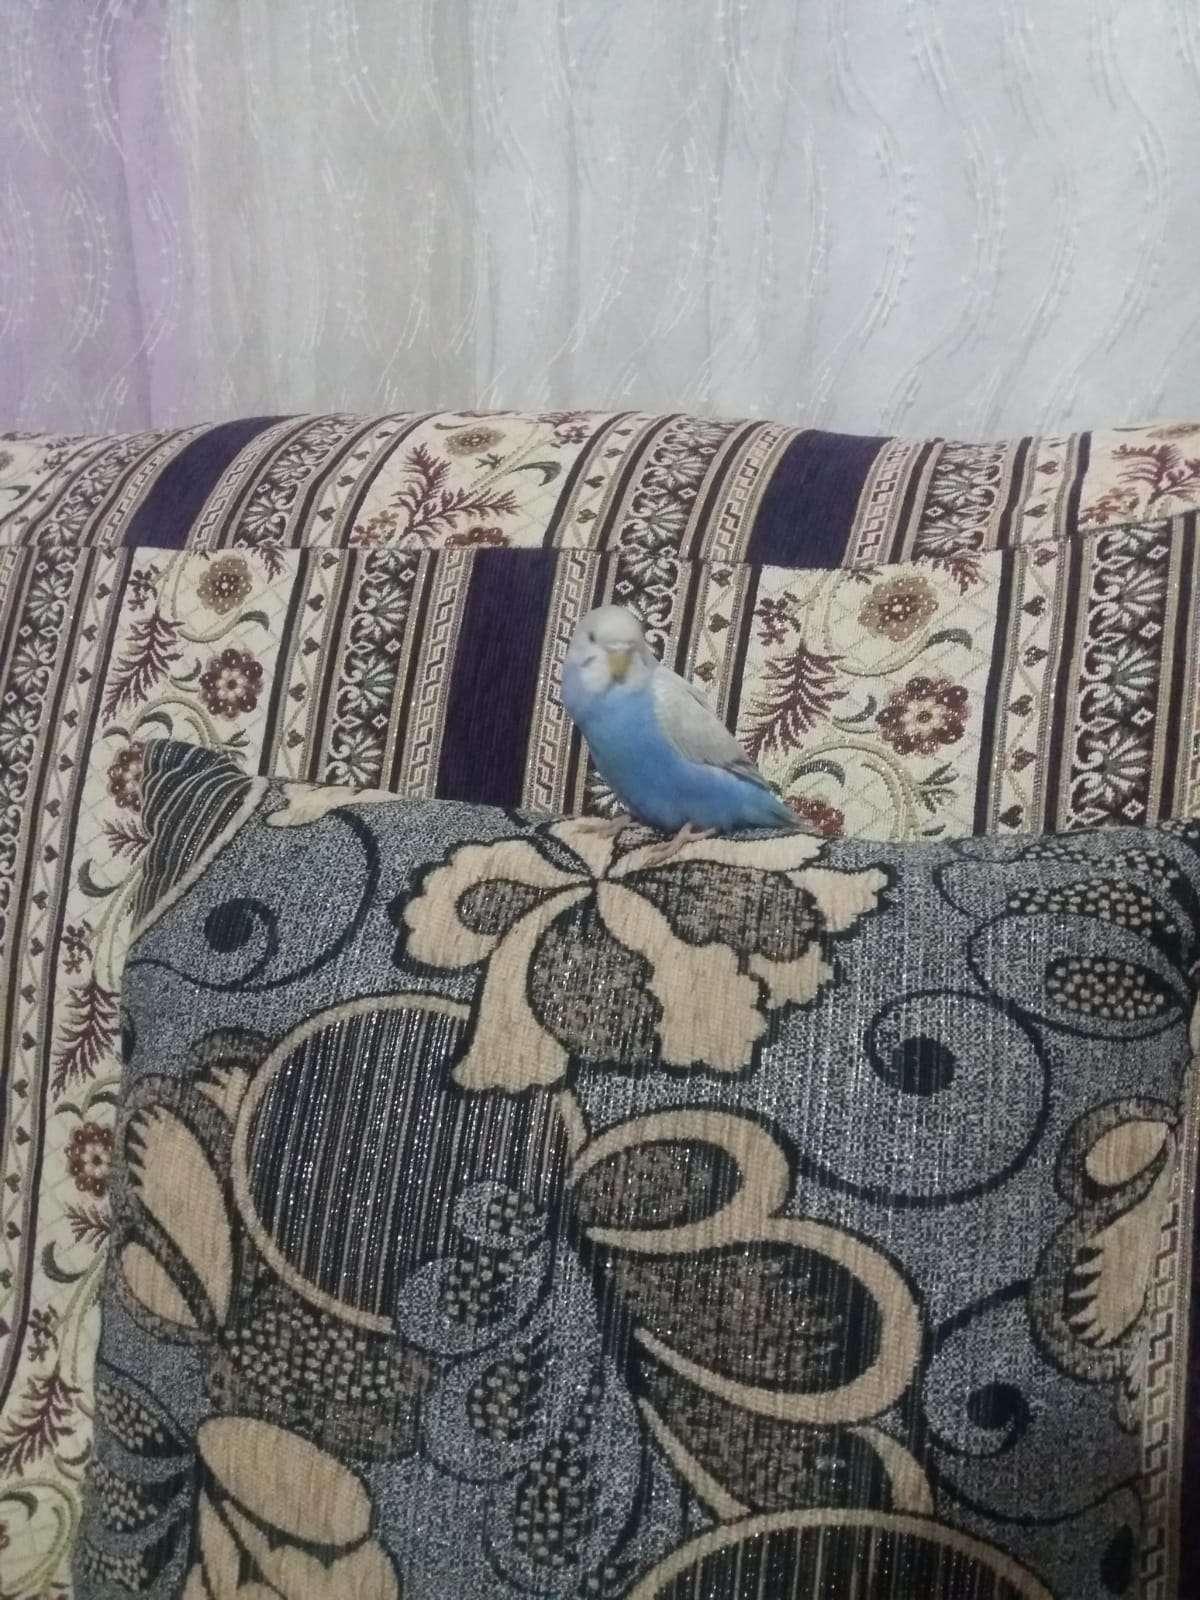 Govdesi mavi kanatlari beyaza benzeyen muhabbet kuşumuz kayboldu